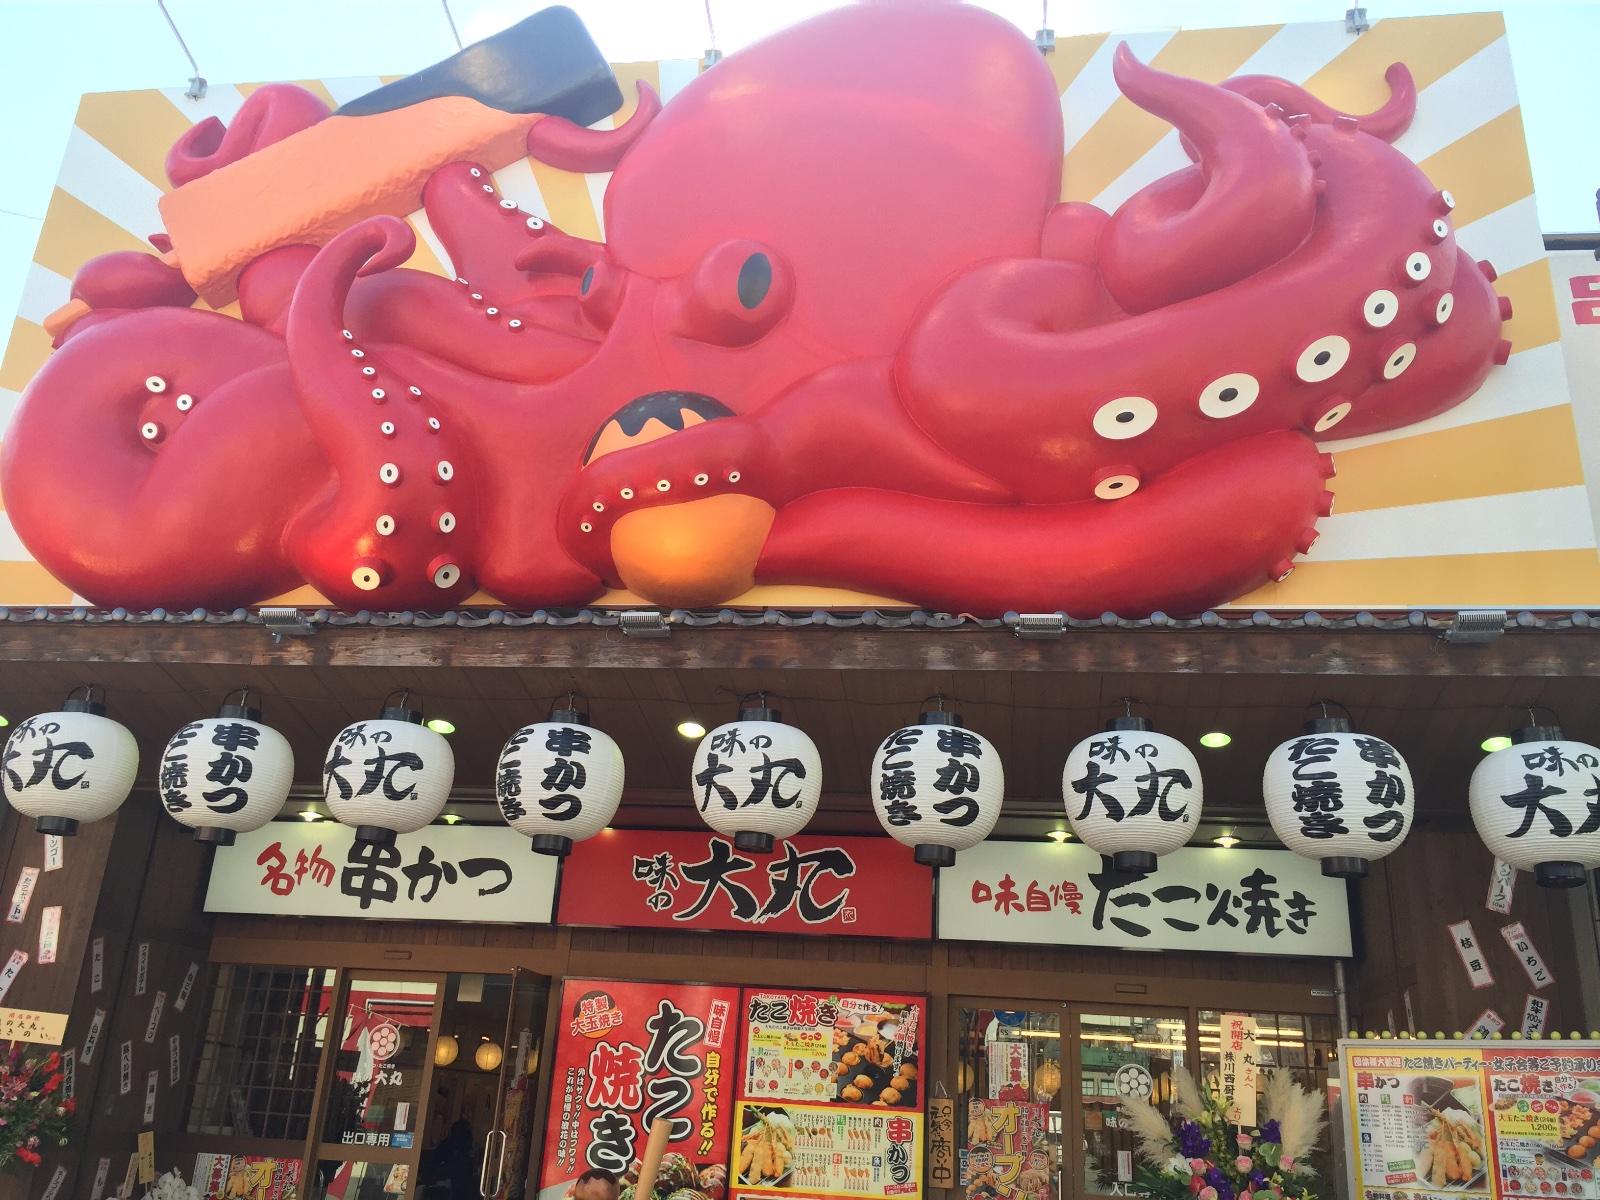 串カツと自分で焼くタコ焼き新世界味の大丸たこ